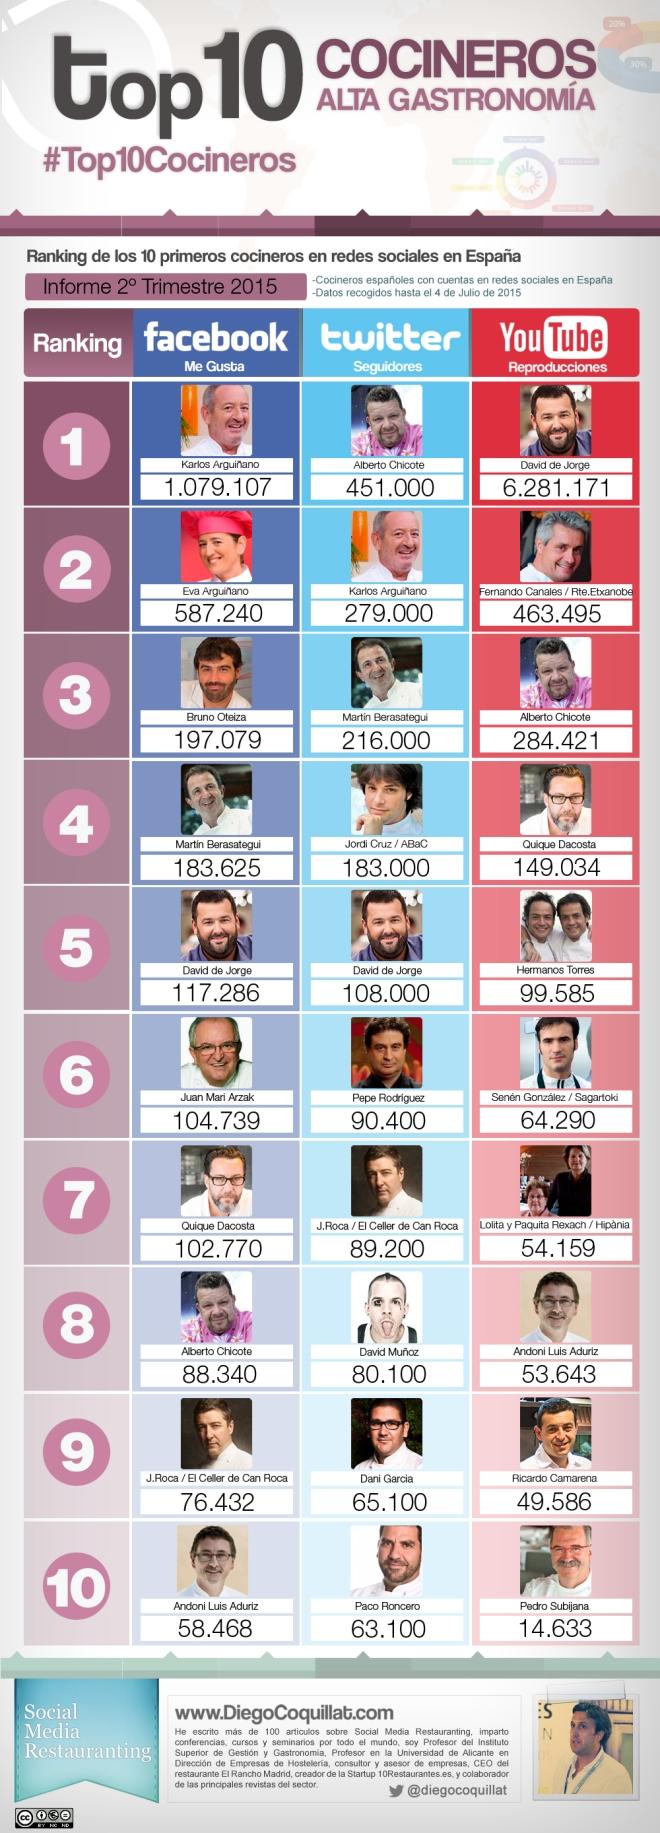 Top 10 cocineros en Redes Sociales (España 2T/2015)